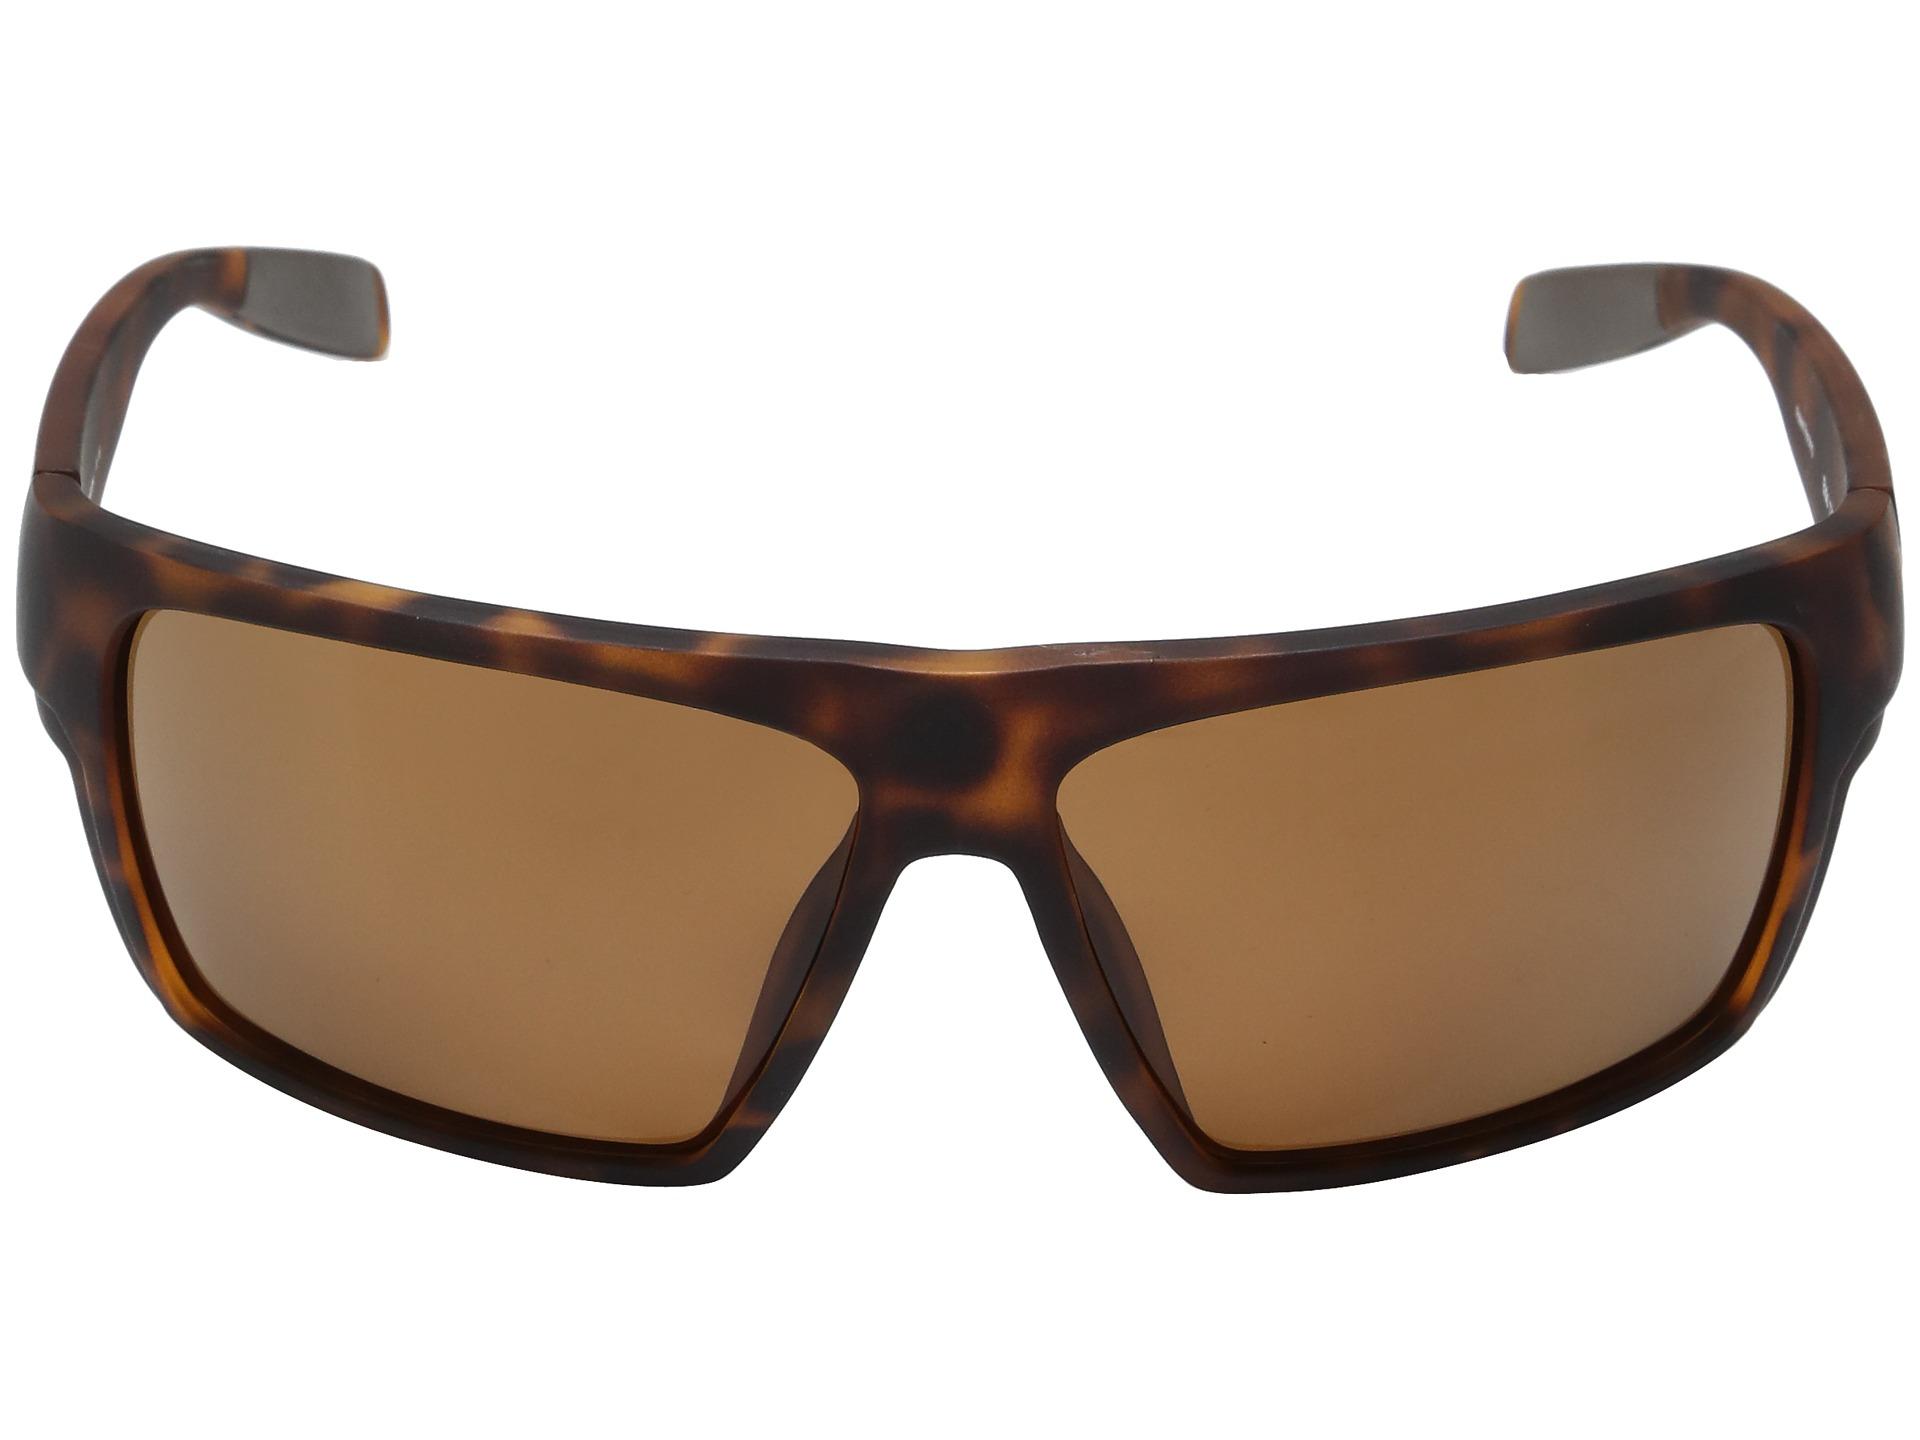 9470ad9194 Native Eyewear Eldo Polarized Sunglasses